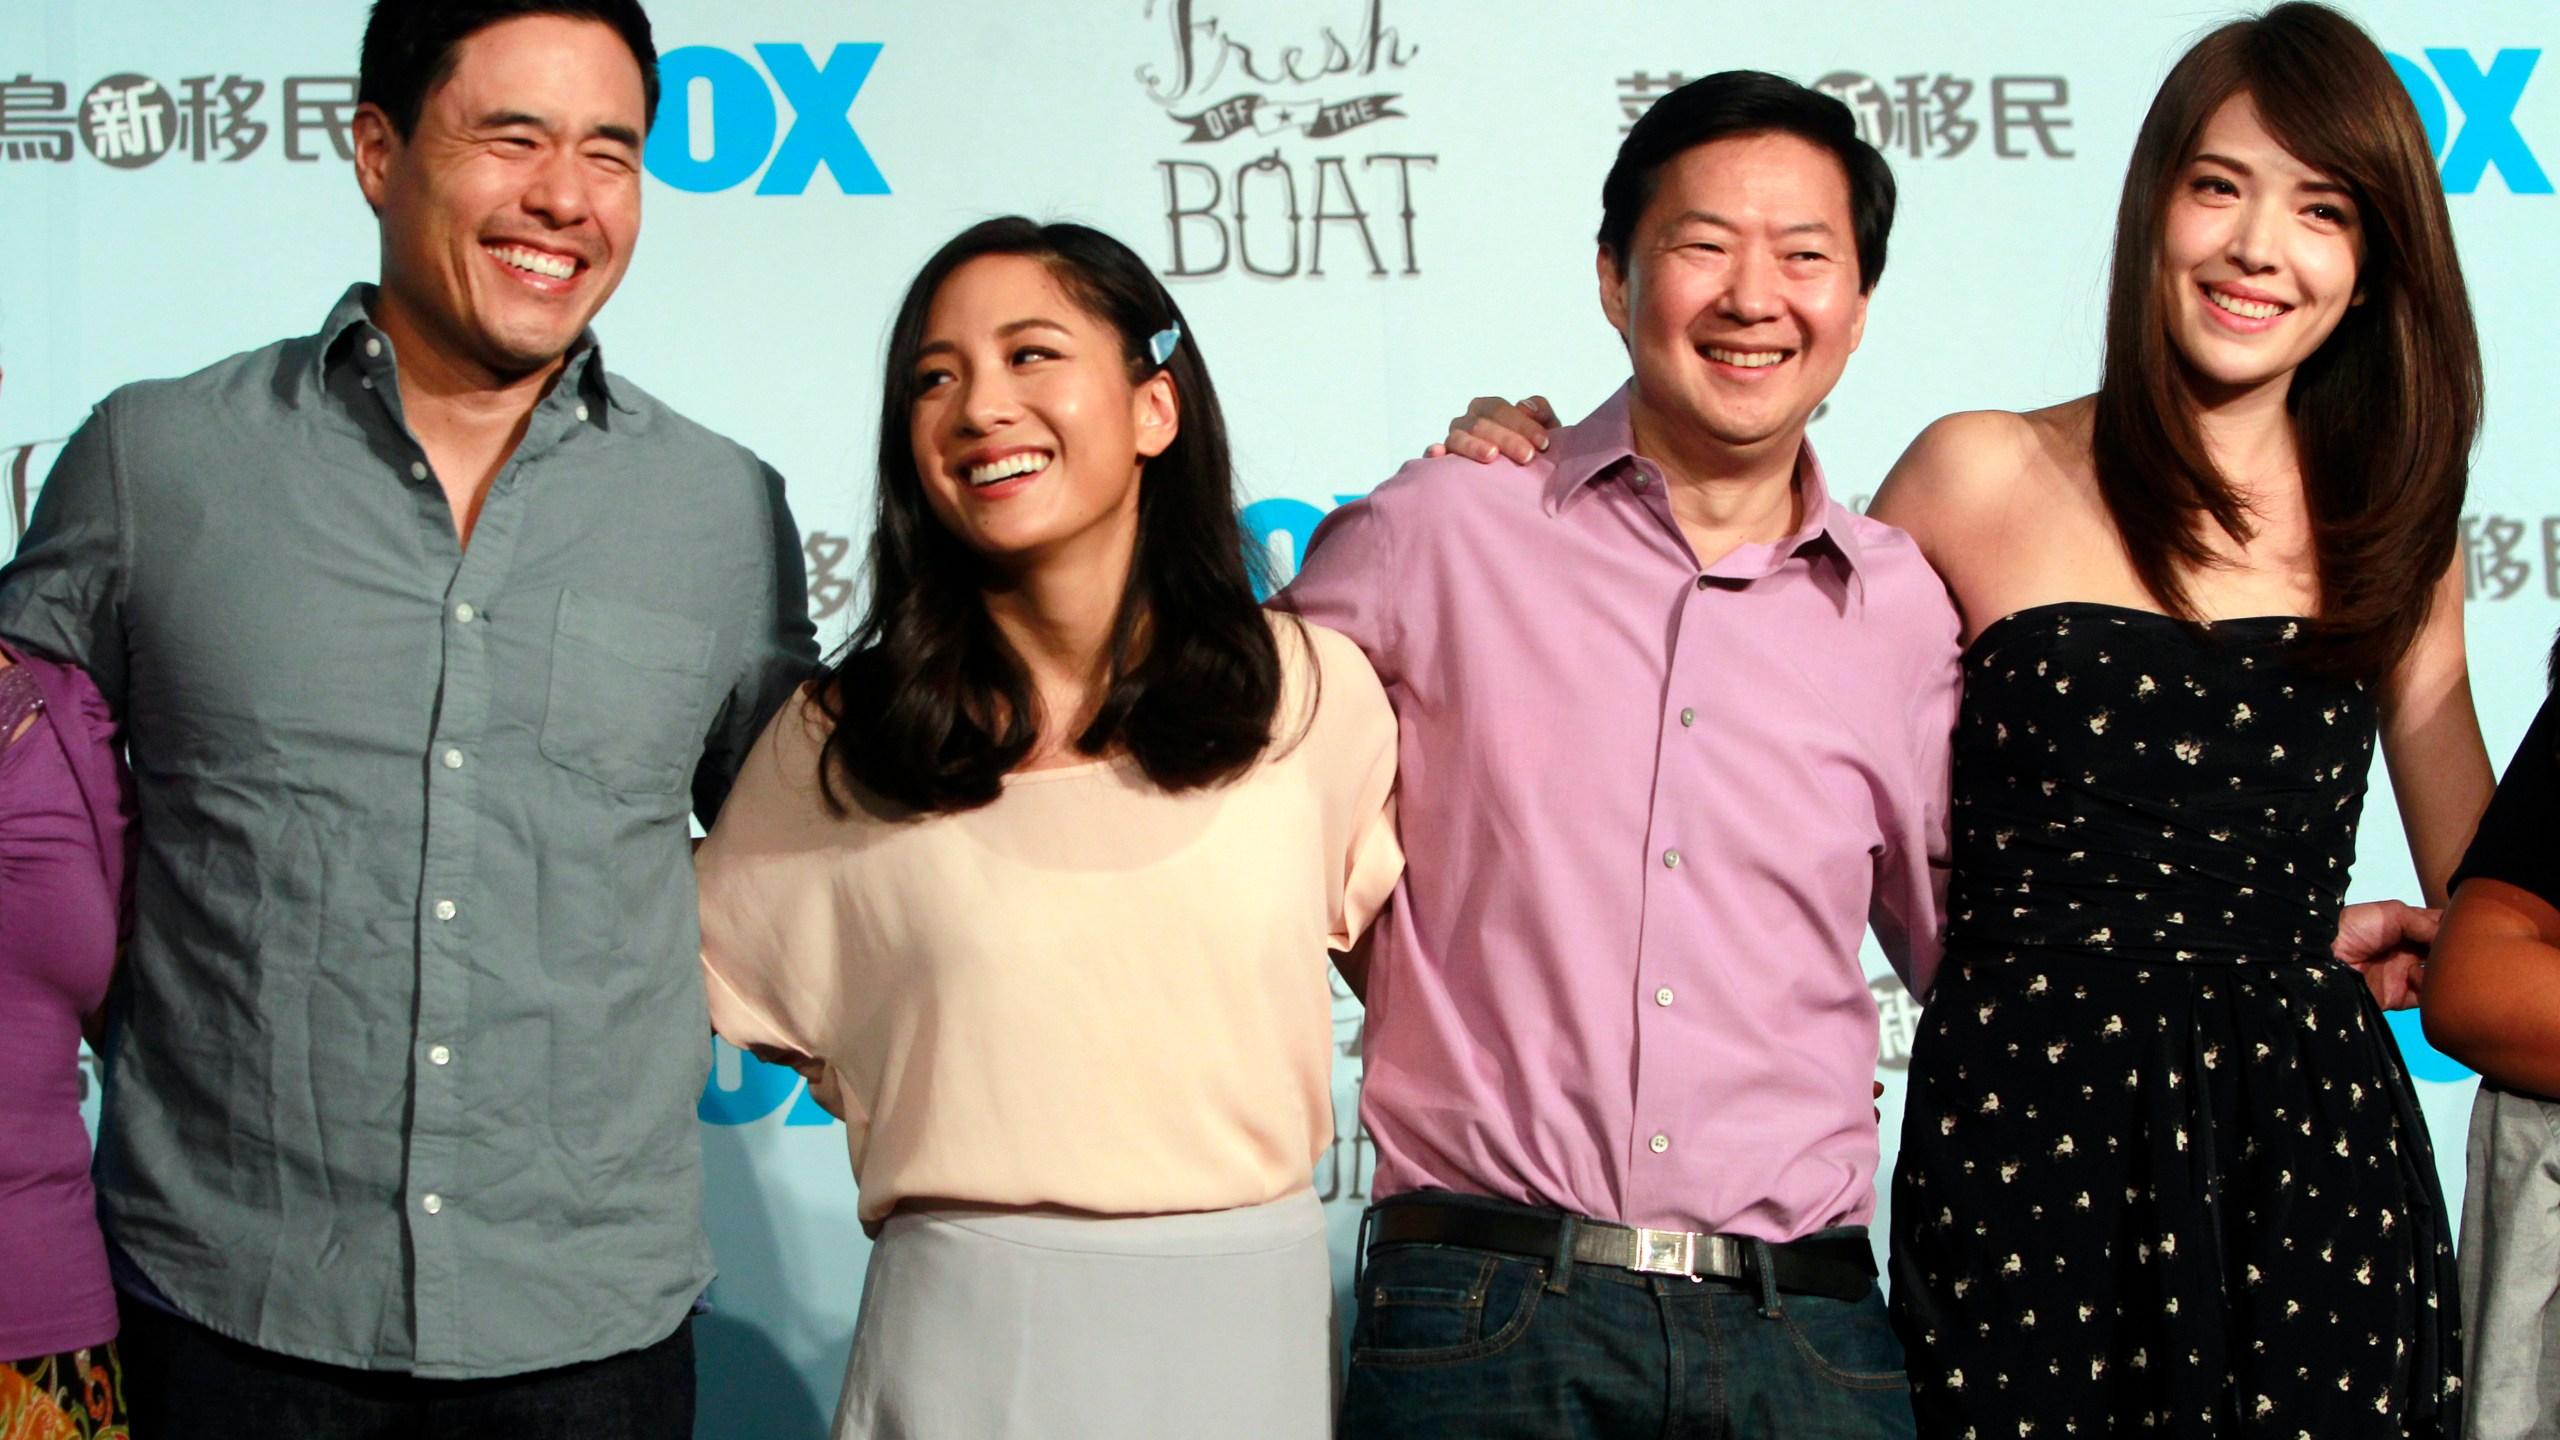 Randall Park, Constance Wu, Ken Jeong, Ann Hsu